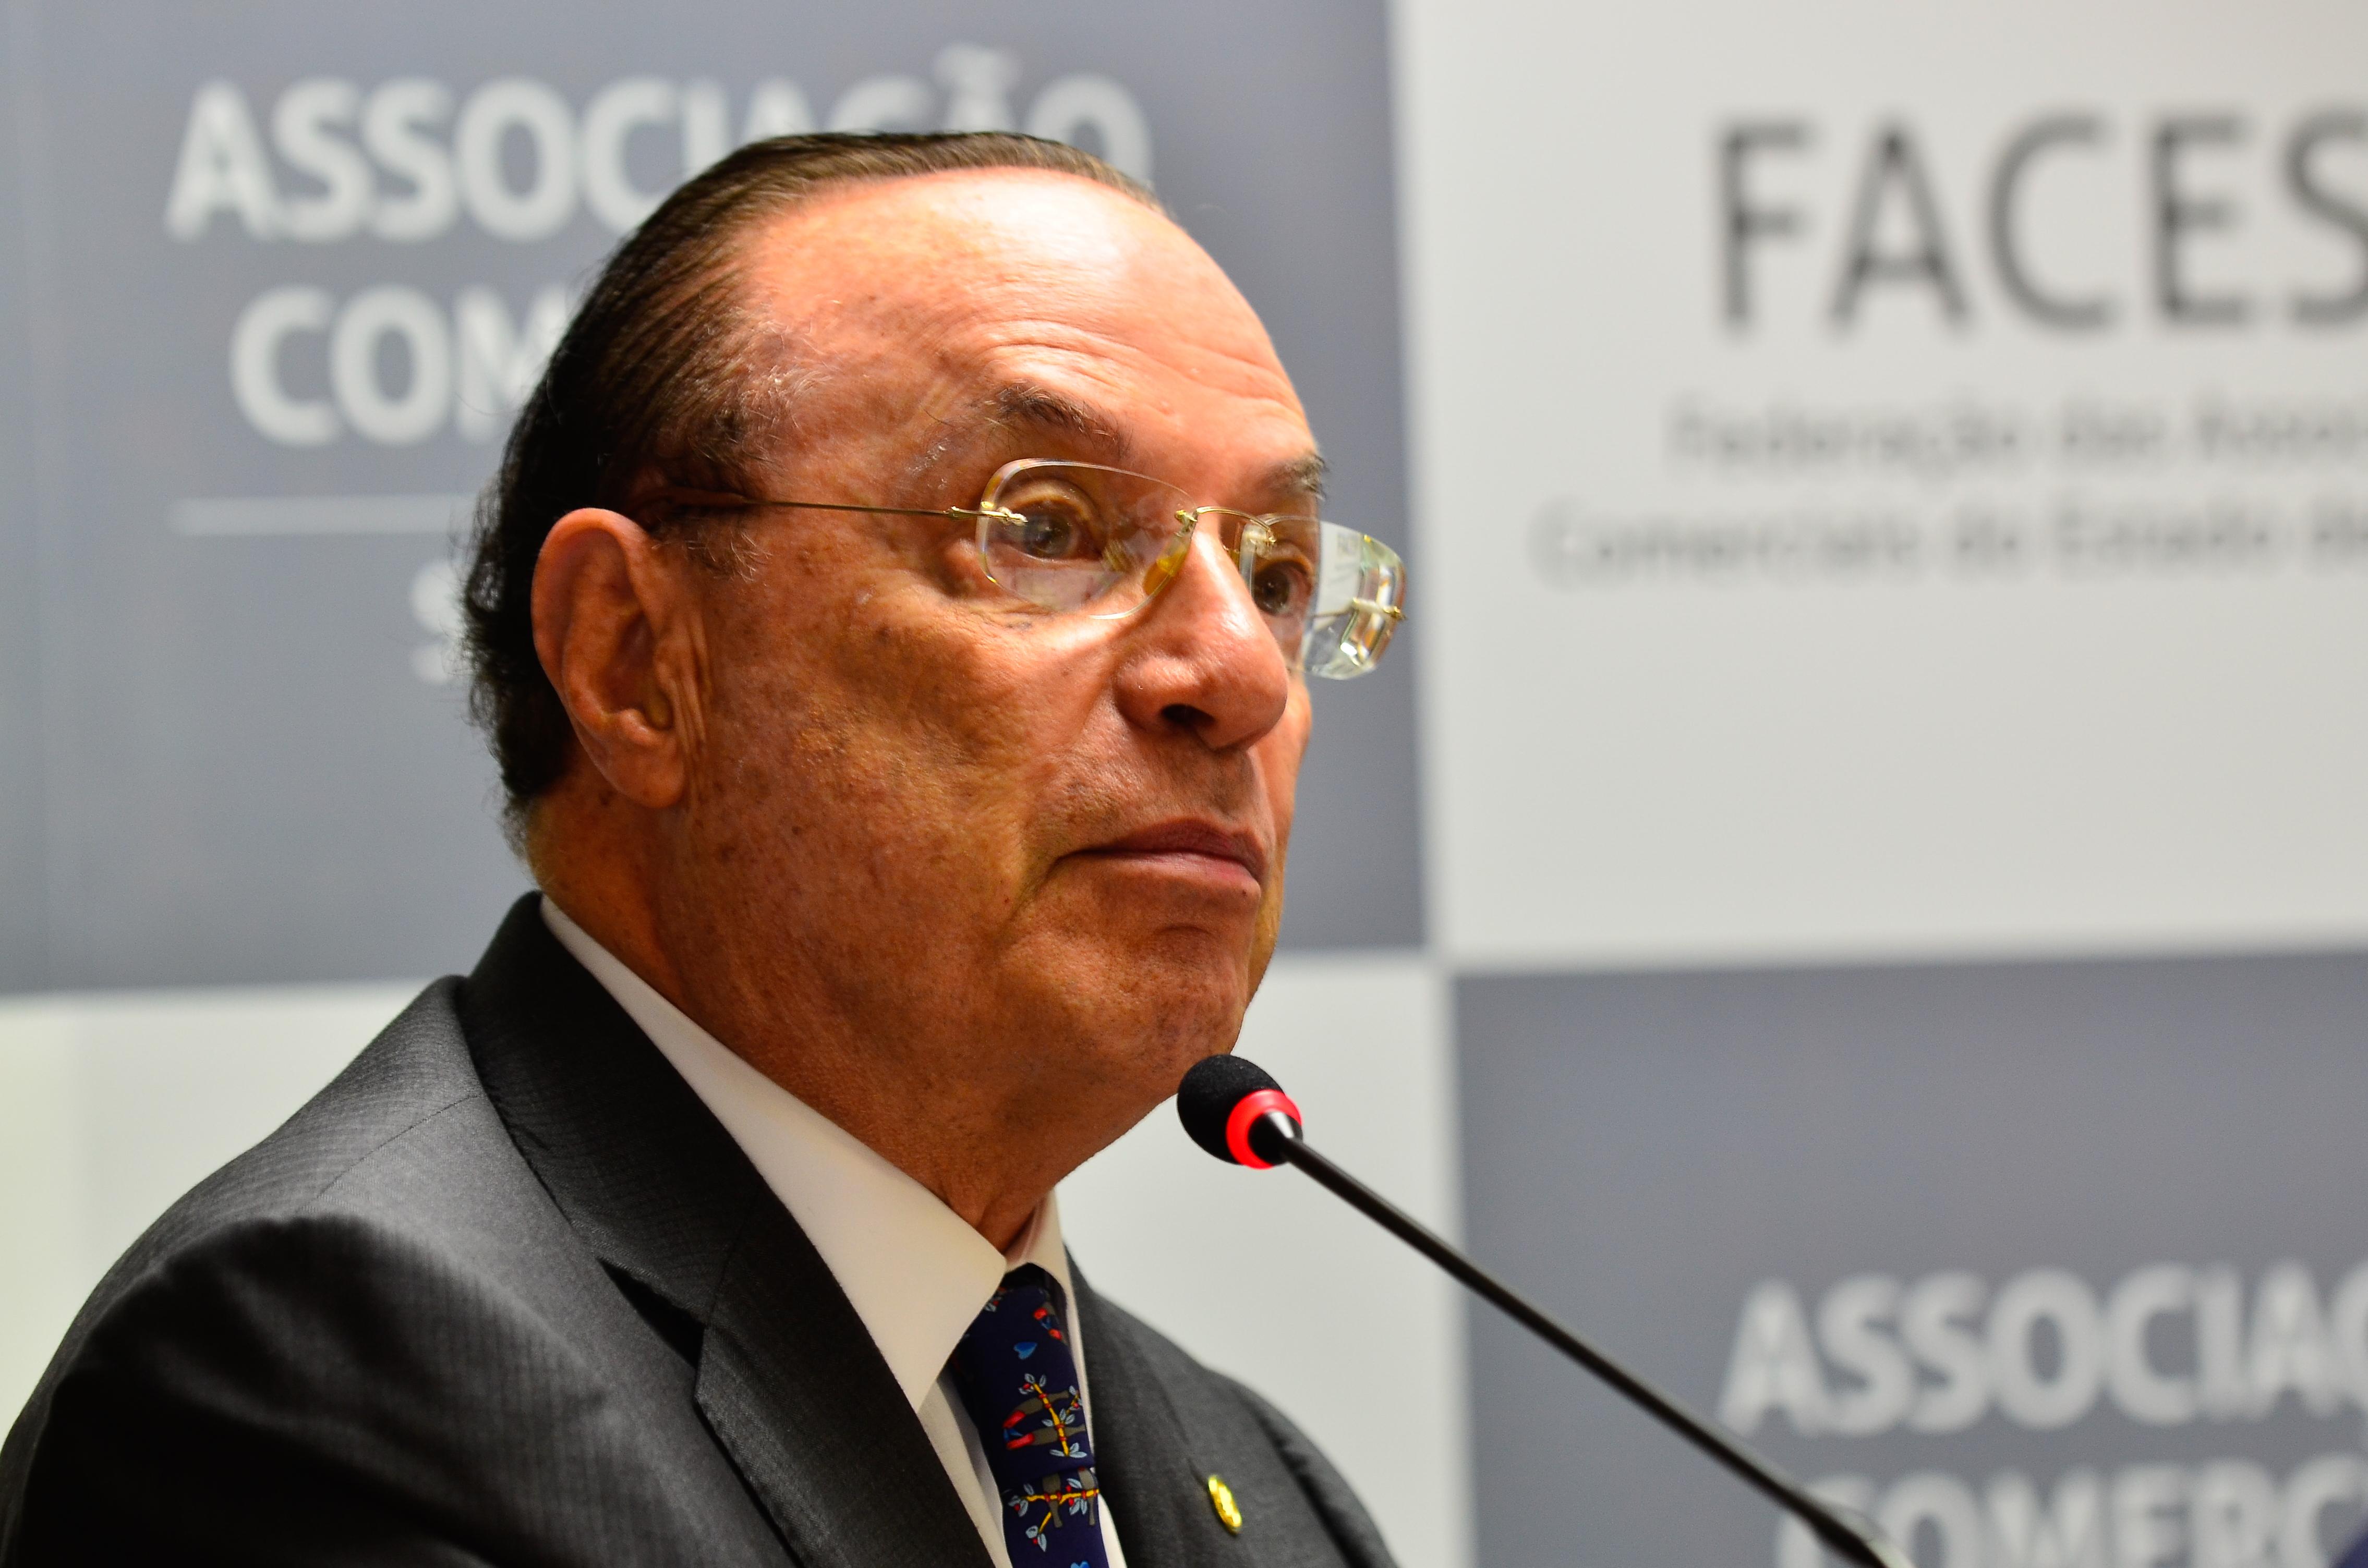 Ministro do STF rejeita recurso e determina prisão de Paulo Maluf